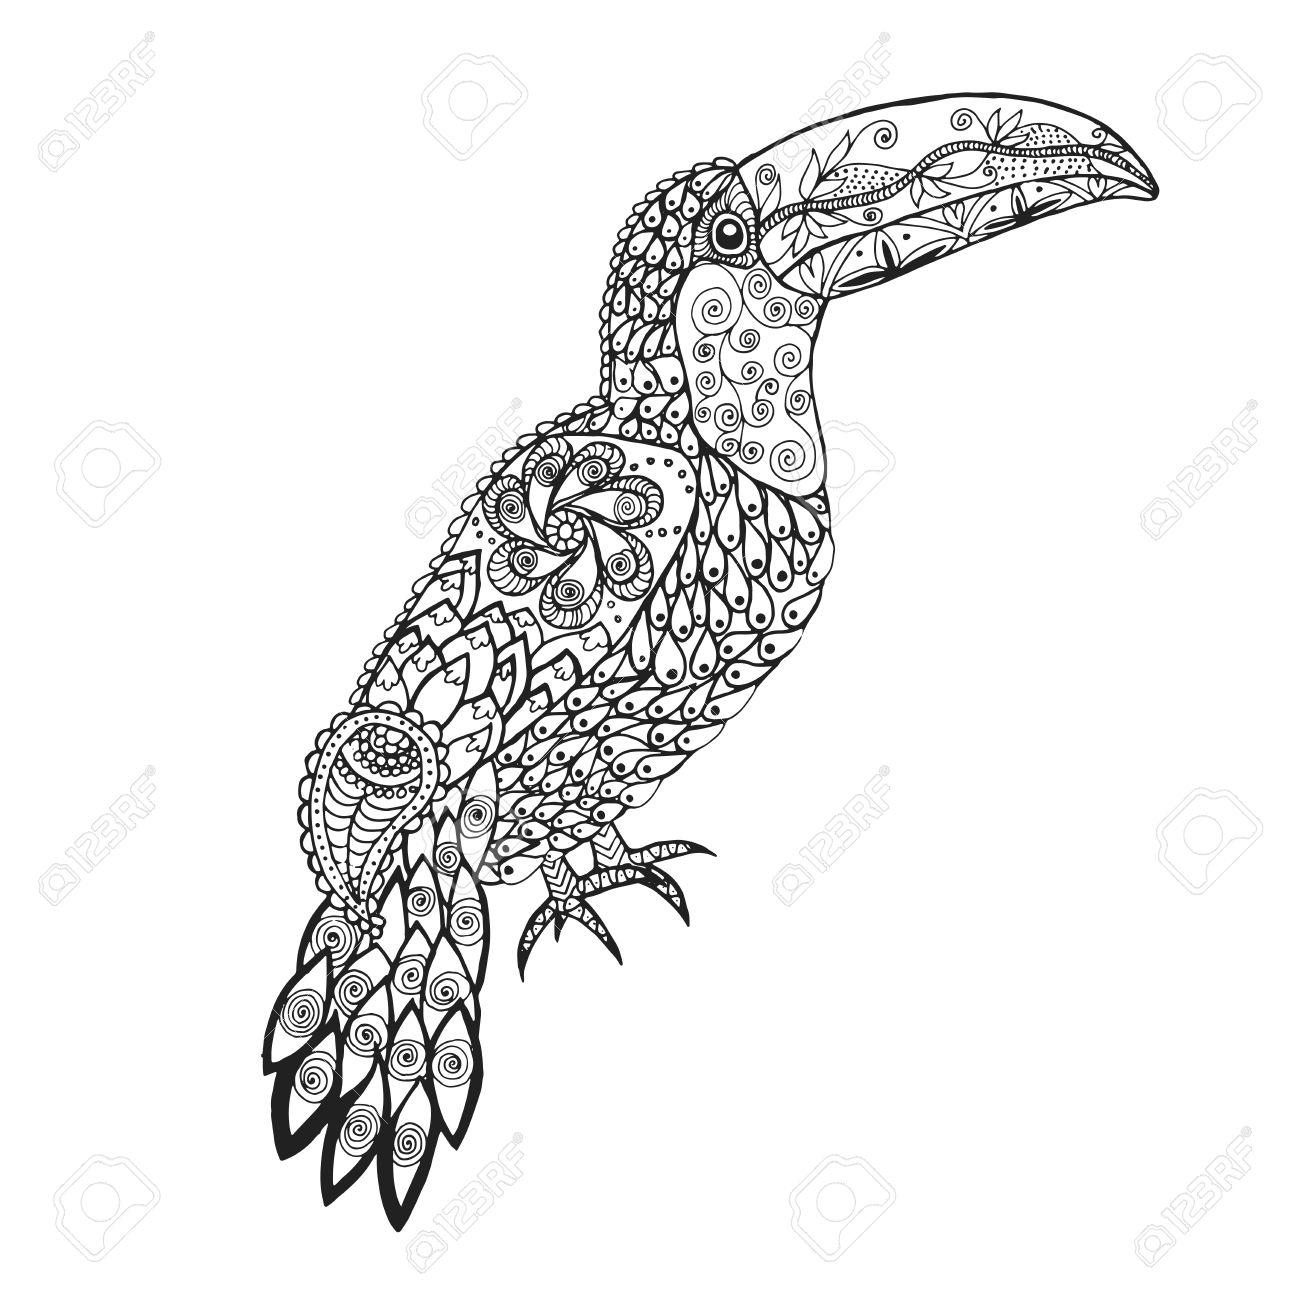 Birds. Mano Blanco Y Negro Dibujado Garabato. Adulto Página Para ...